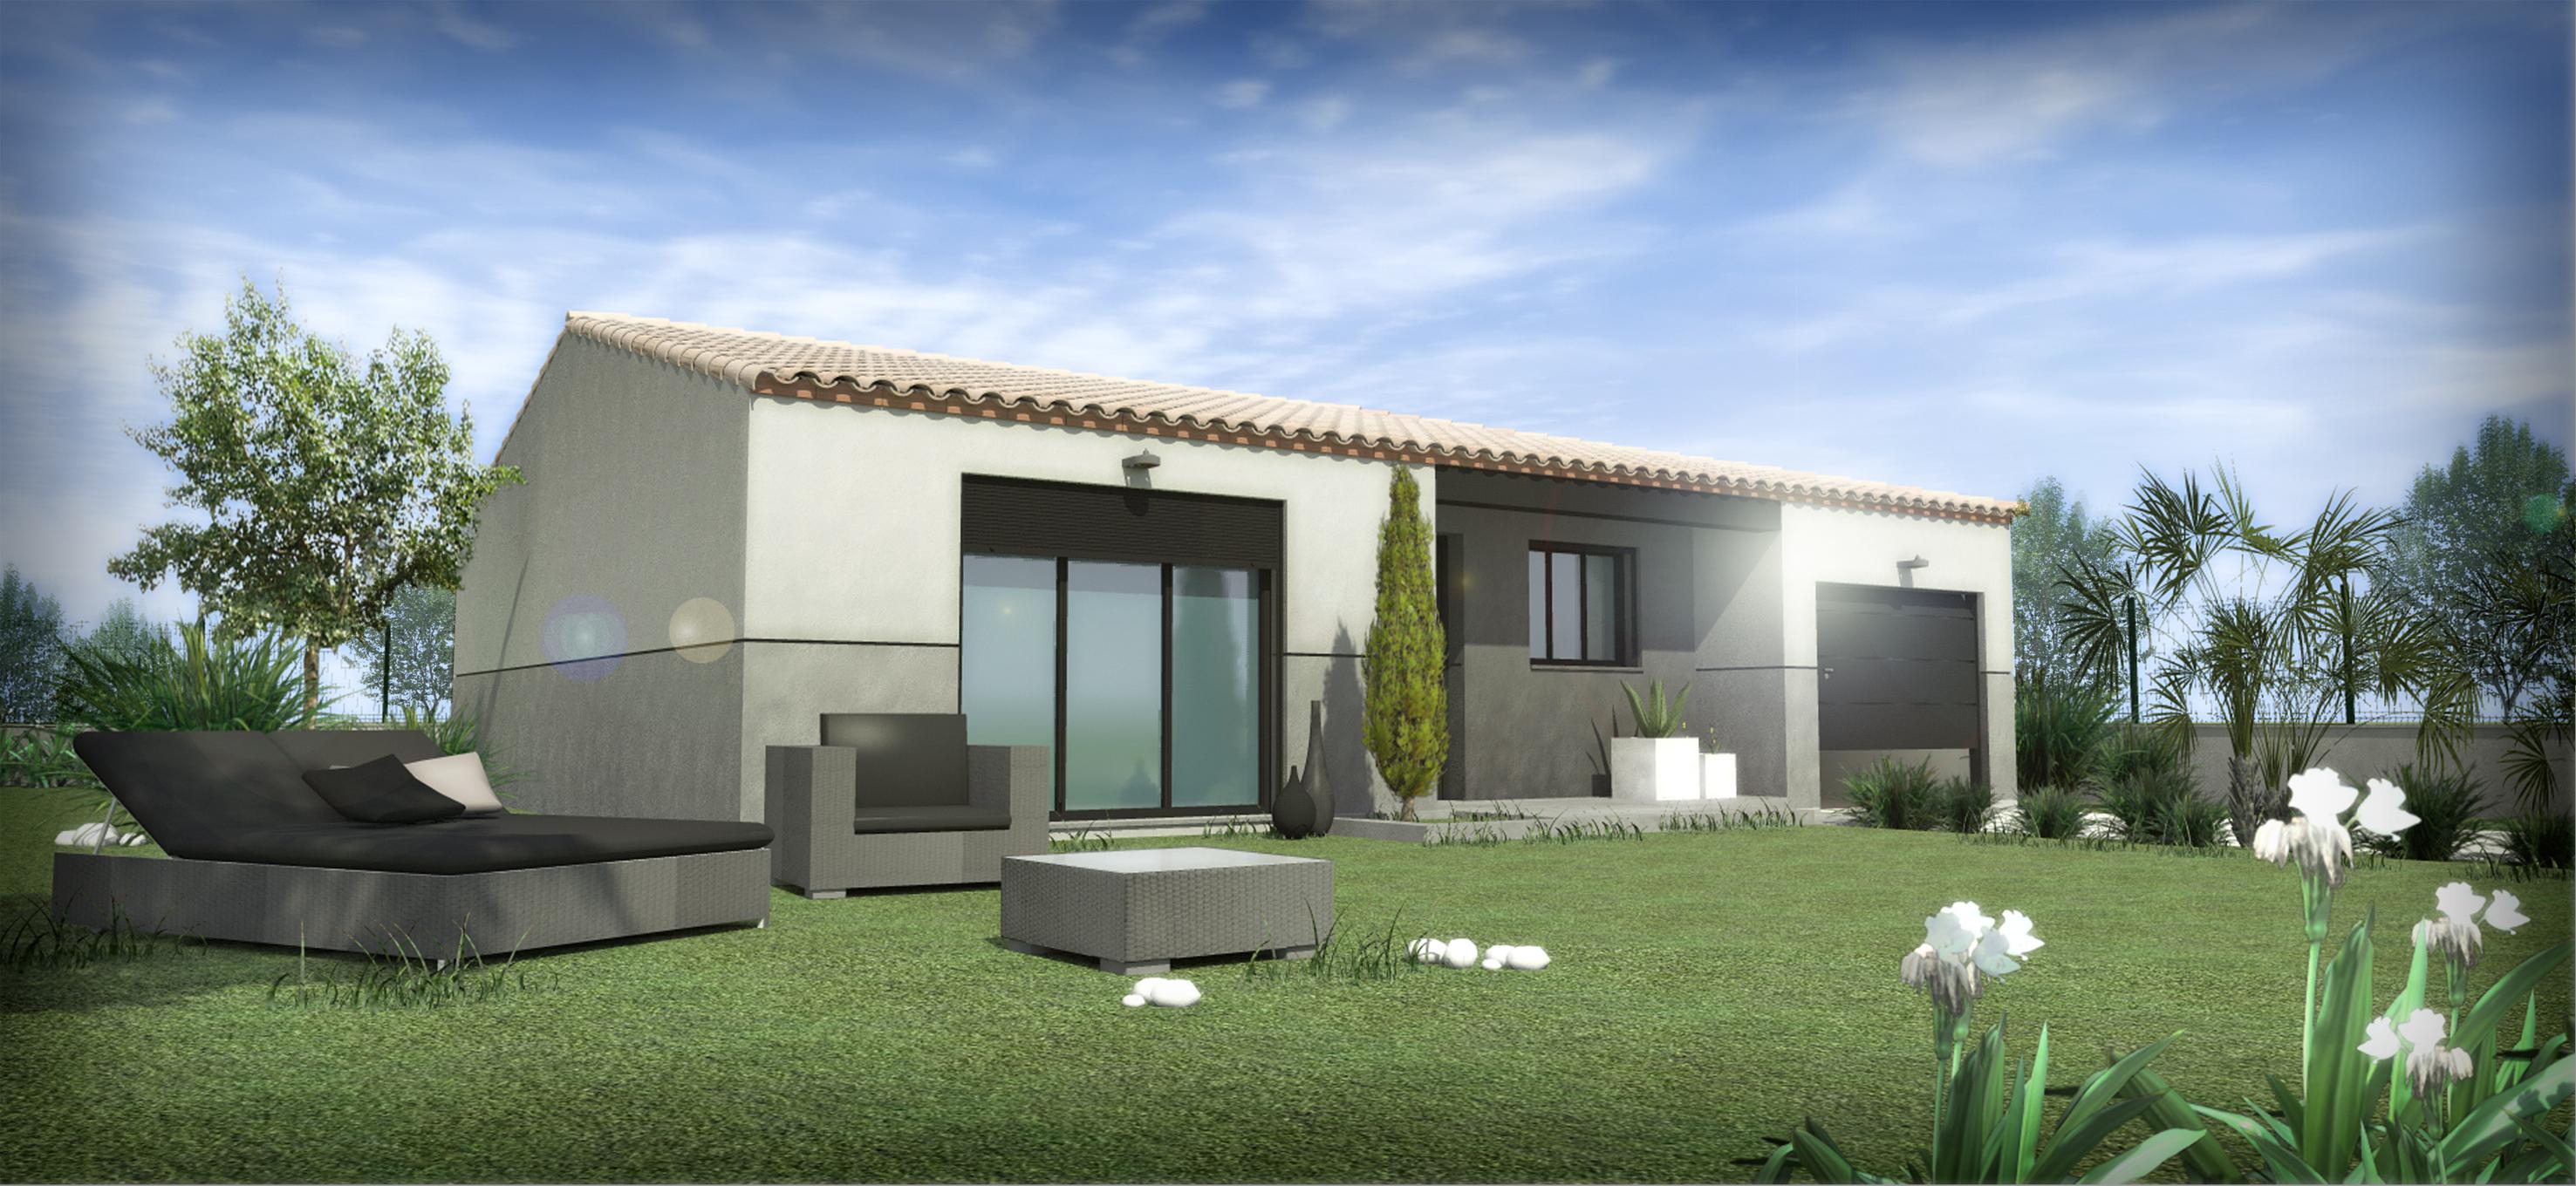 Maisons + Terrains du constructeur SM 11 • 80 m² • VILLEGAILHENC